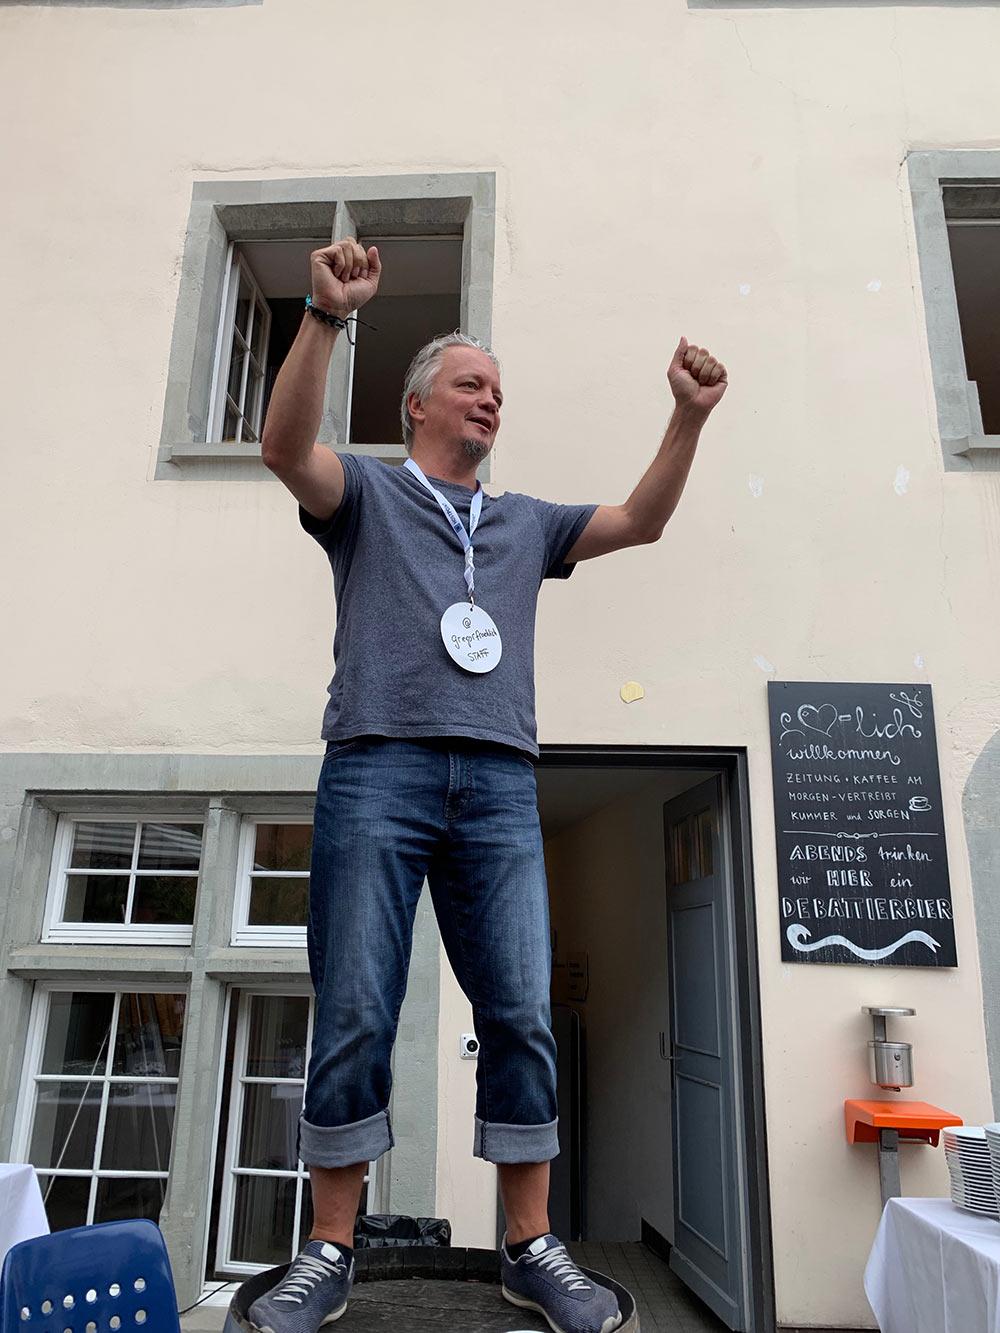 barcamp schweiz 15 - Barcamp Schweiz 2019 - mein Rückblick #barcampCH